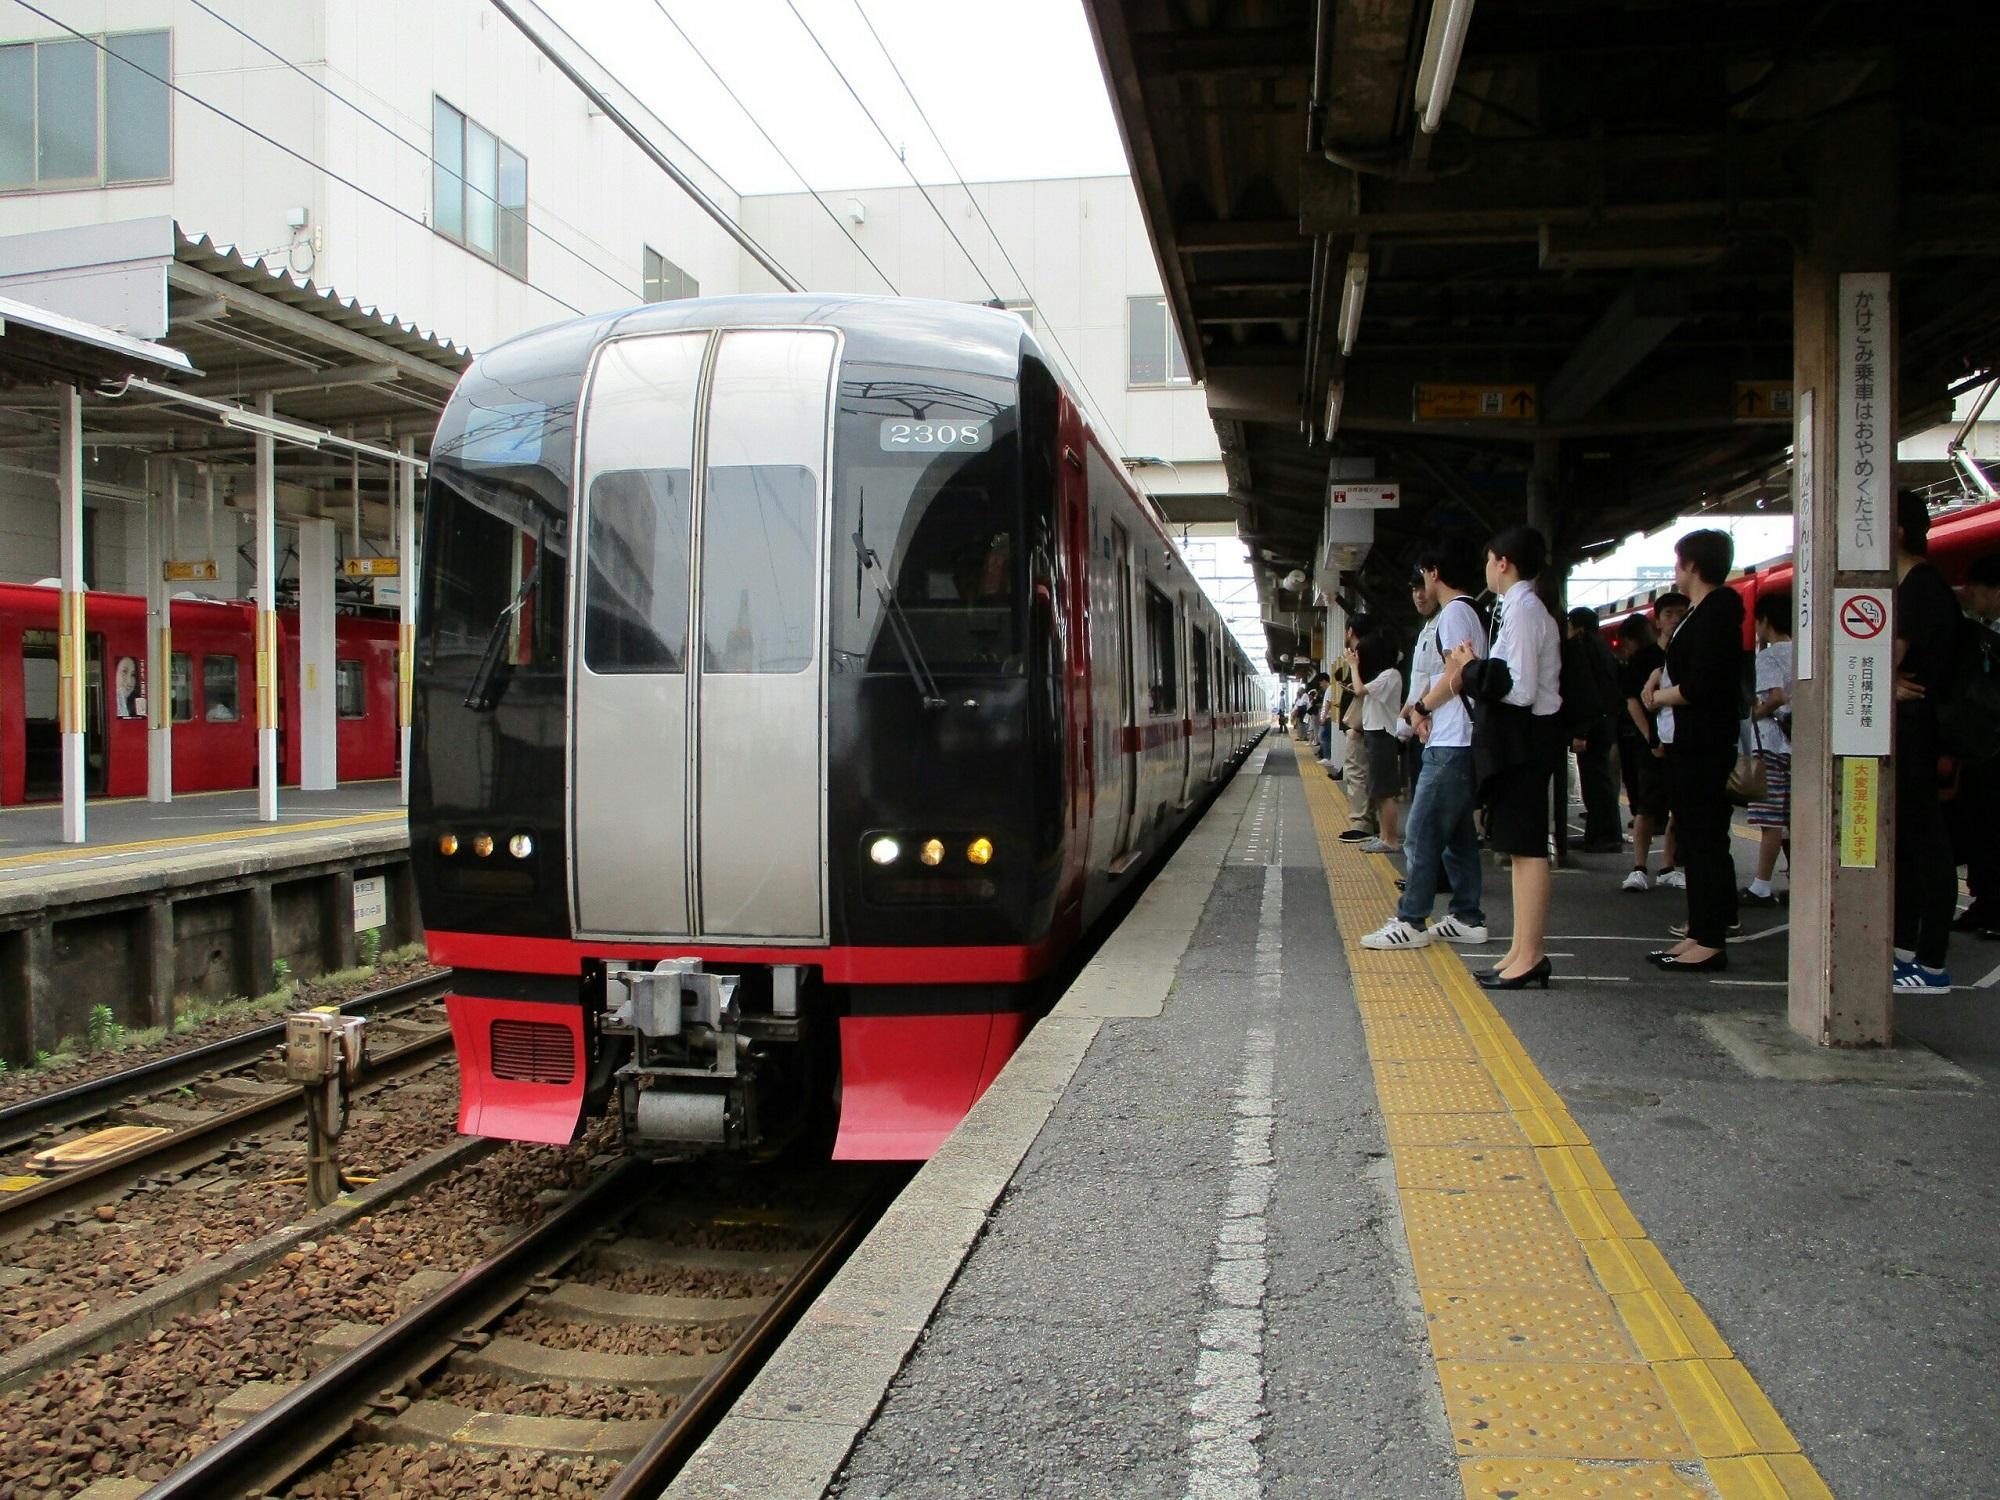 2018.6.28 (7) しんあんじょう - 岐阜いき特急 2000-1500